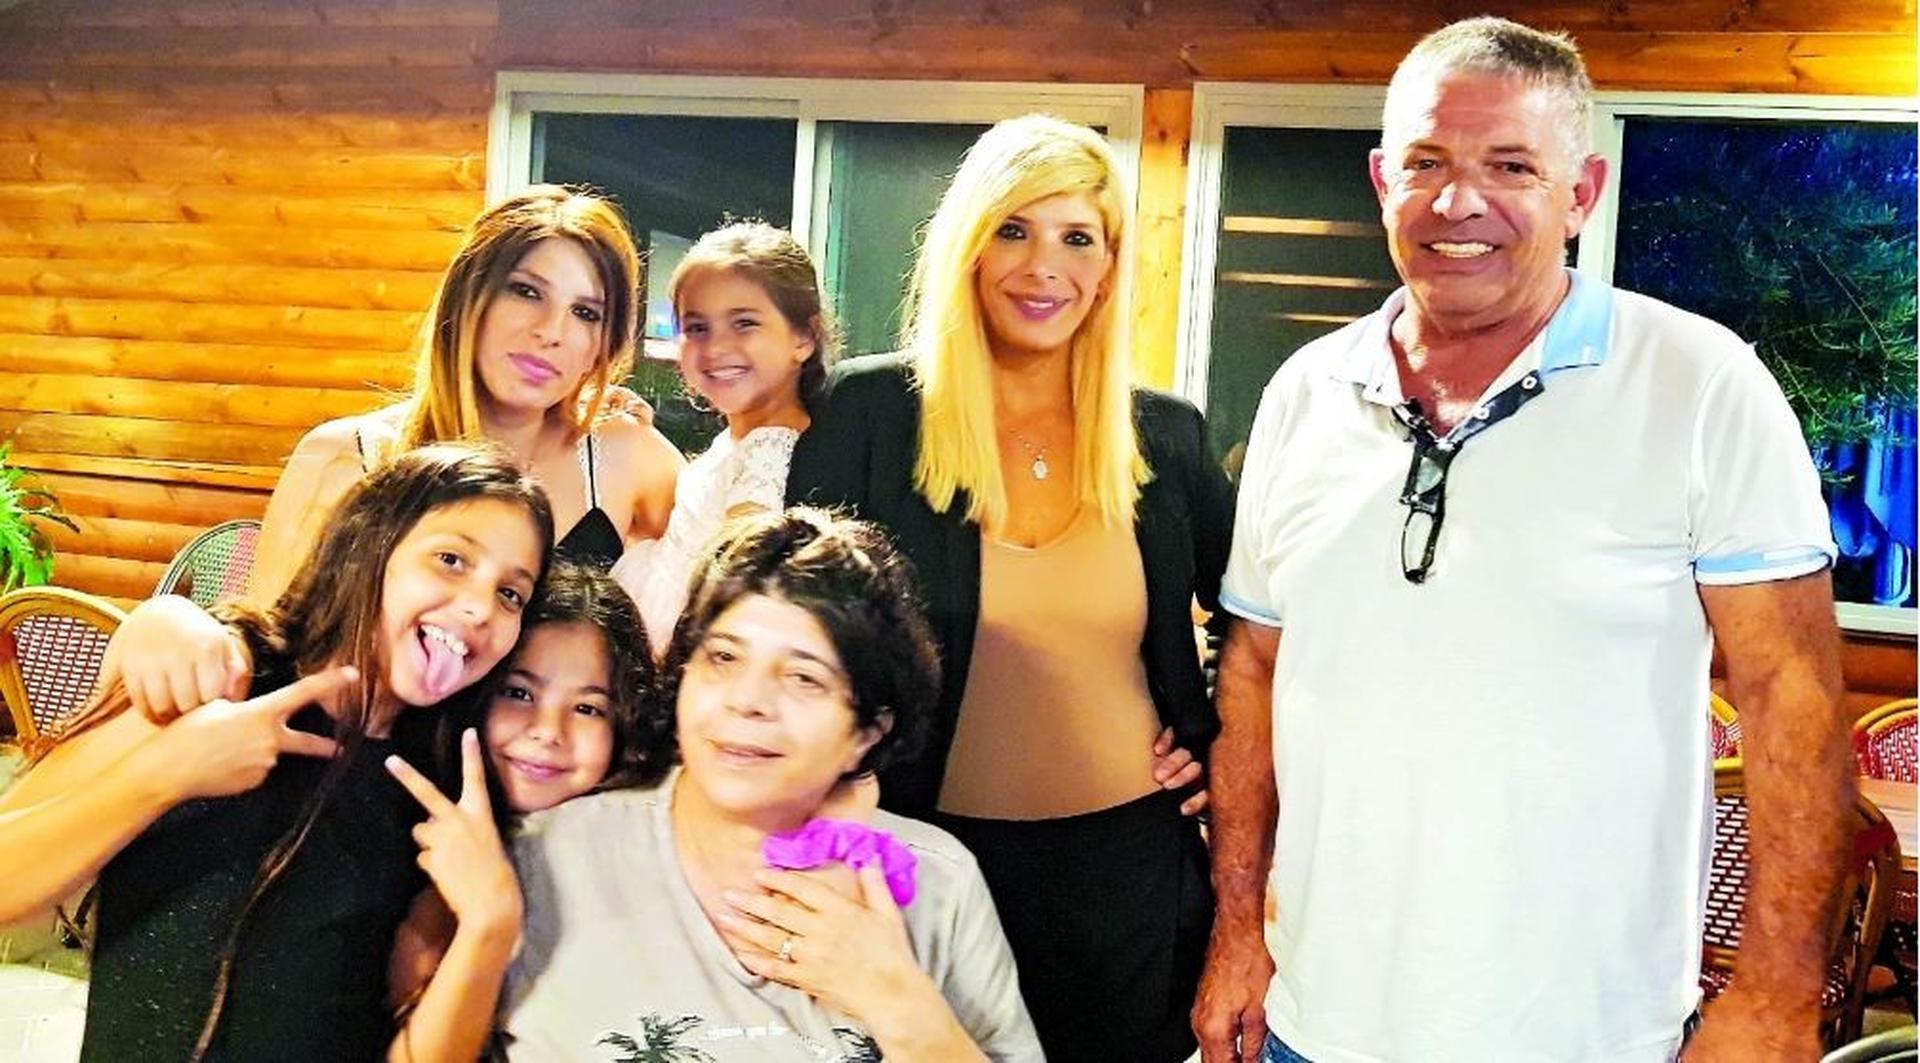 אבי ואנונו ומשפחתו | צילום רפרודוקציה: אלעד גרשגורן